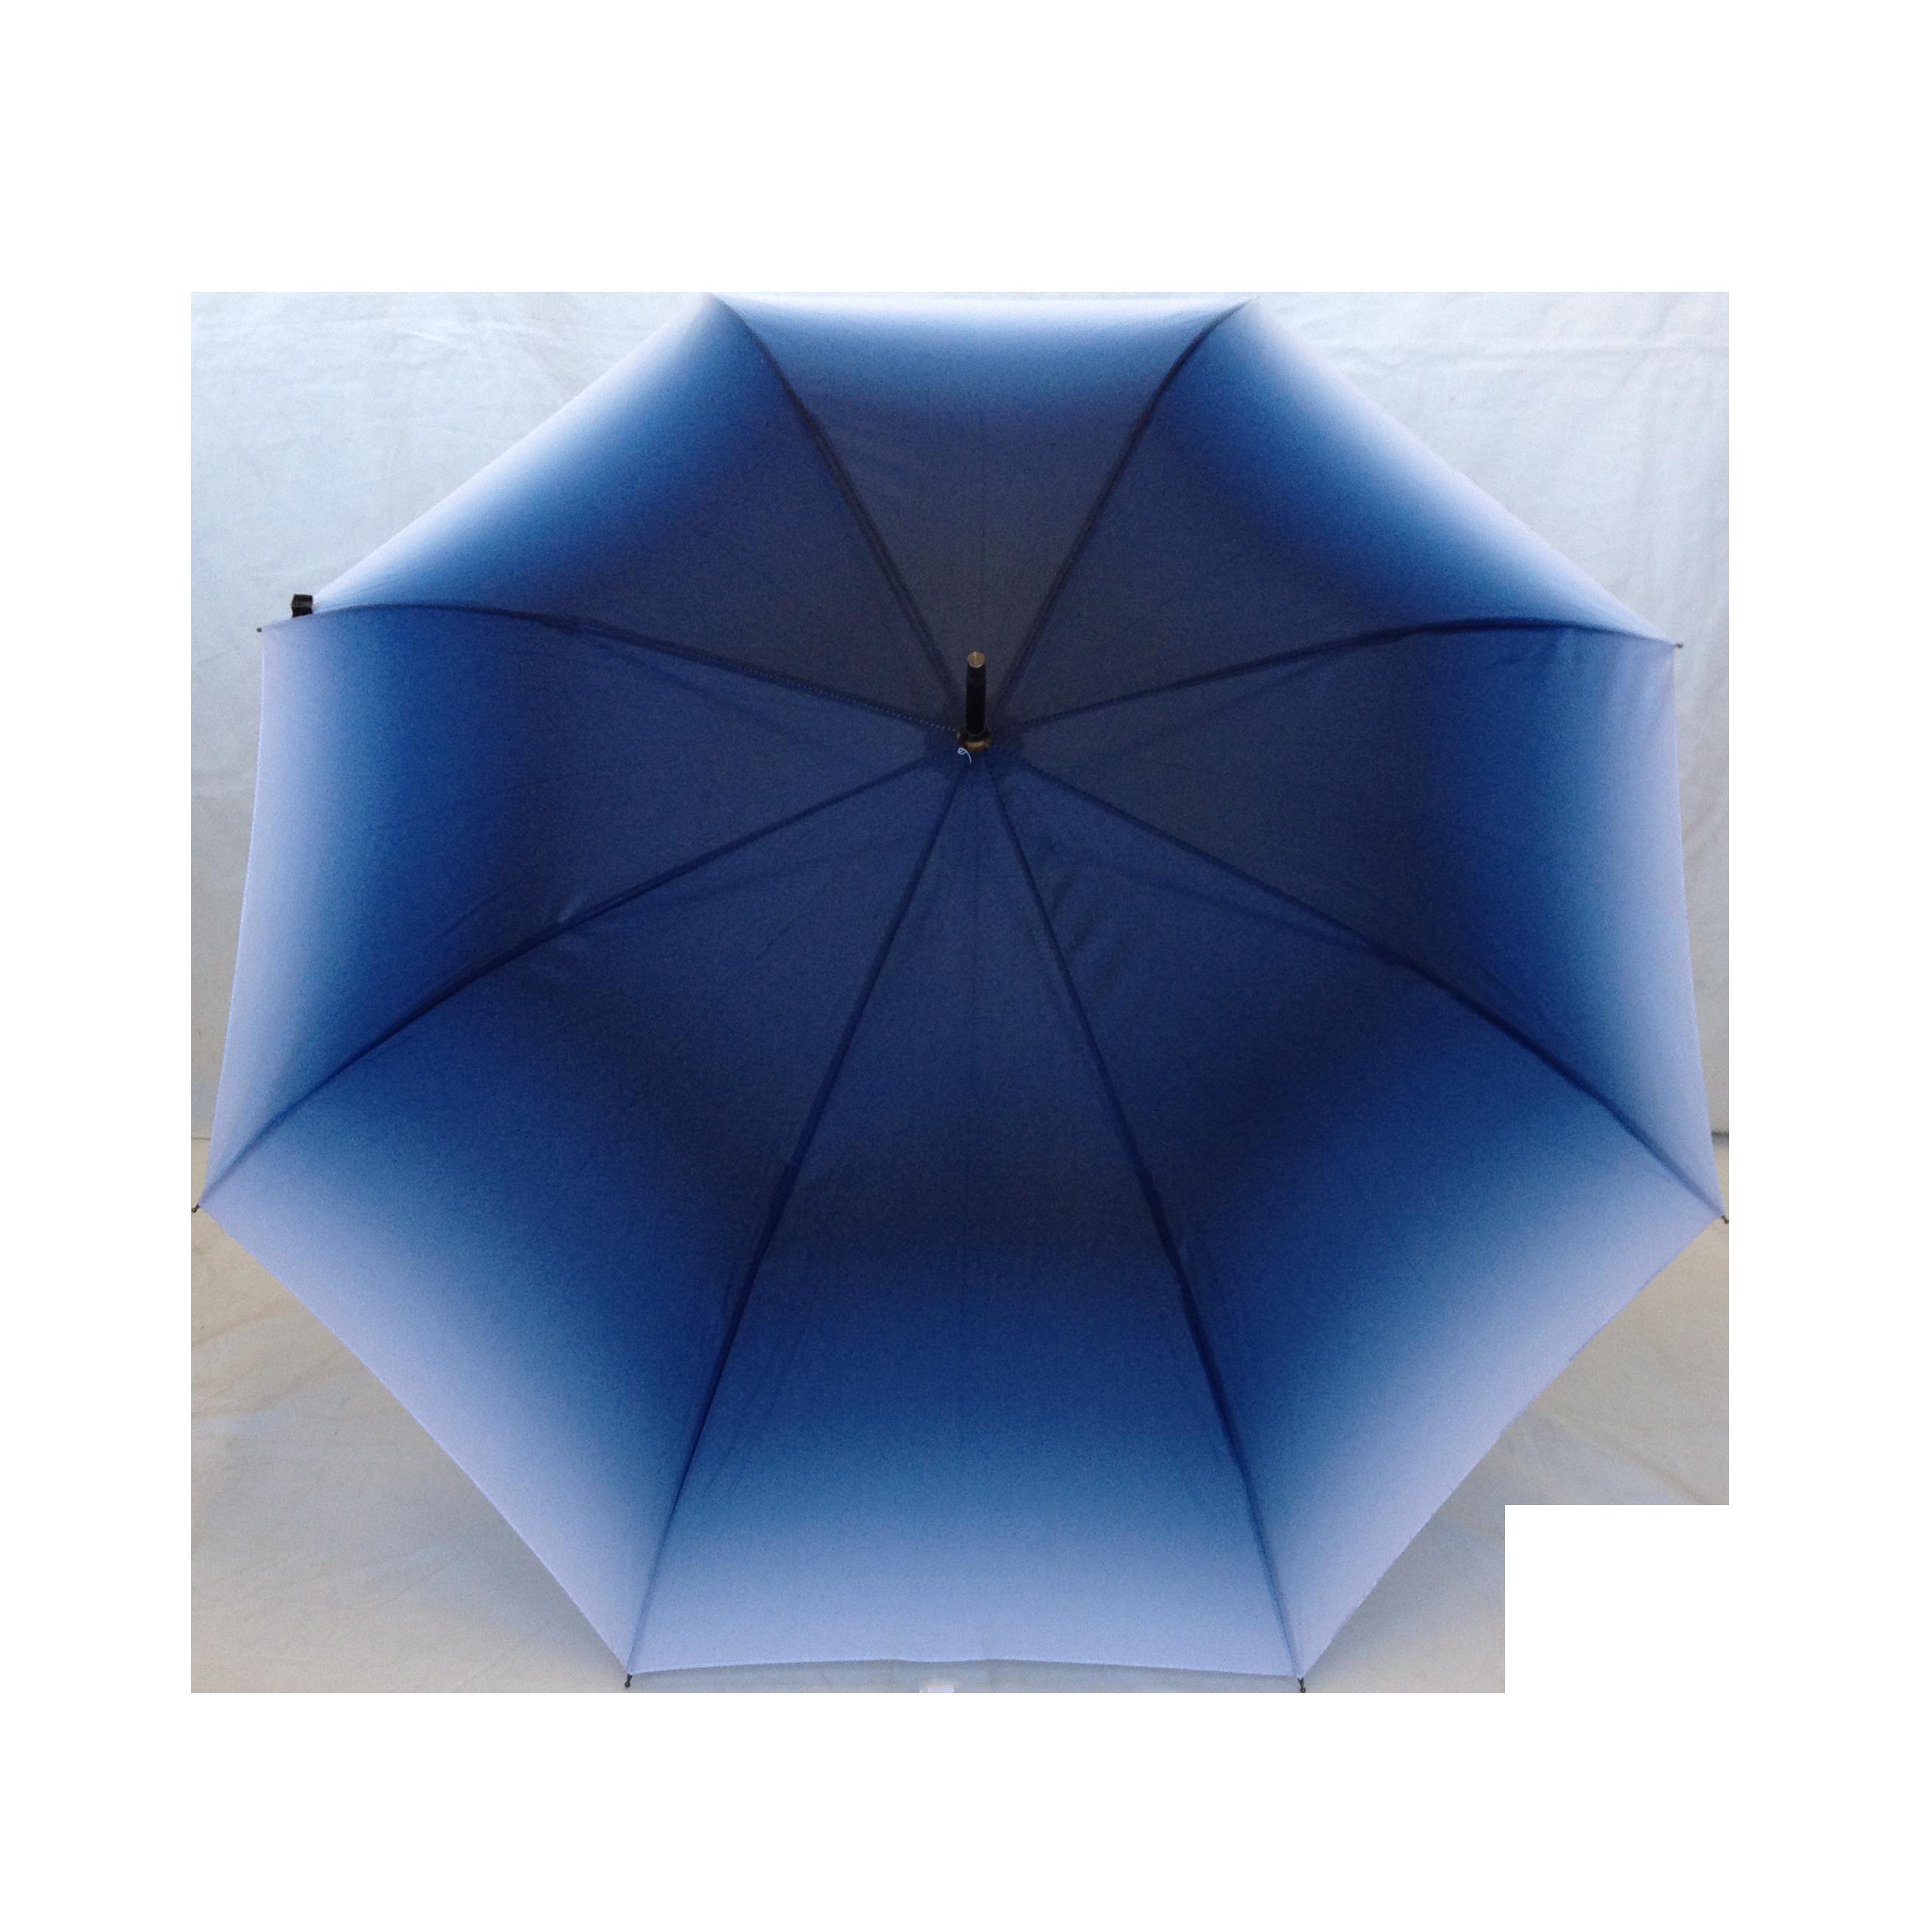 Parapluie droit femme automatique transformation d grad - Parapluie cloche transparent isotoner ...